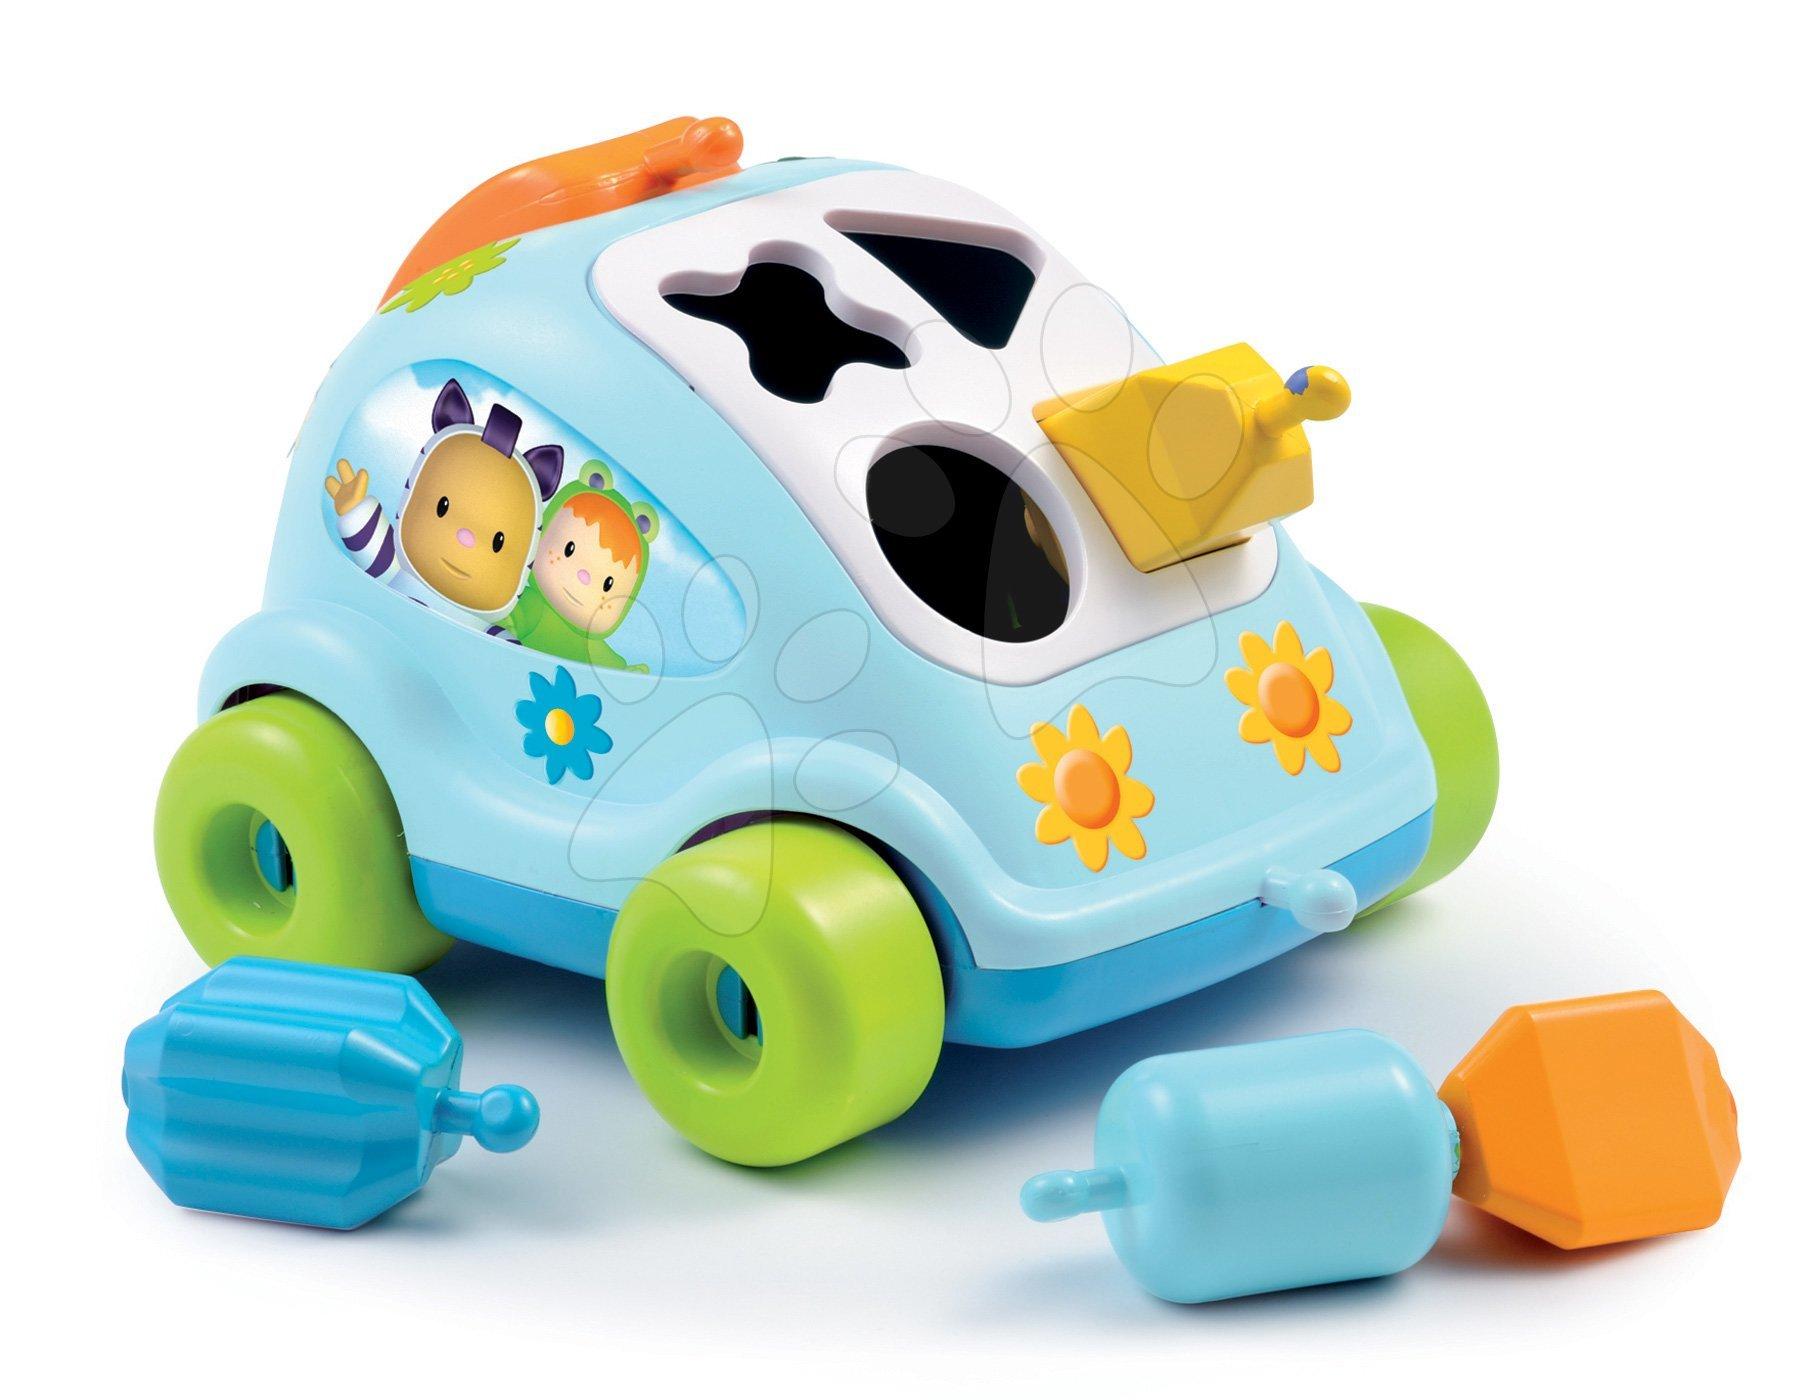 Auto Brouček Cotoons Smoby s kostkami modro-zelené od 12 měsíců